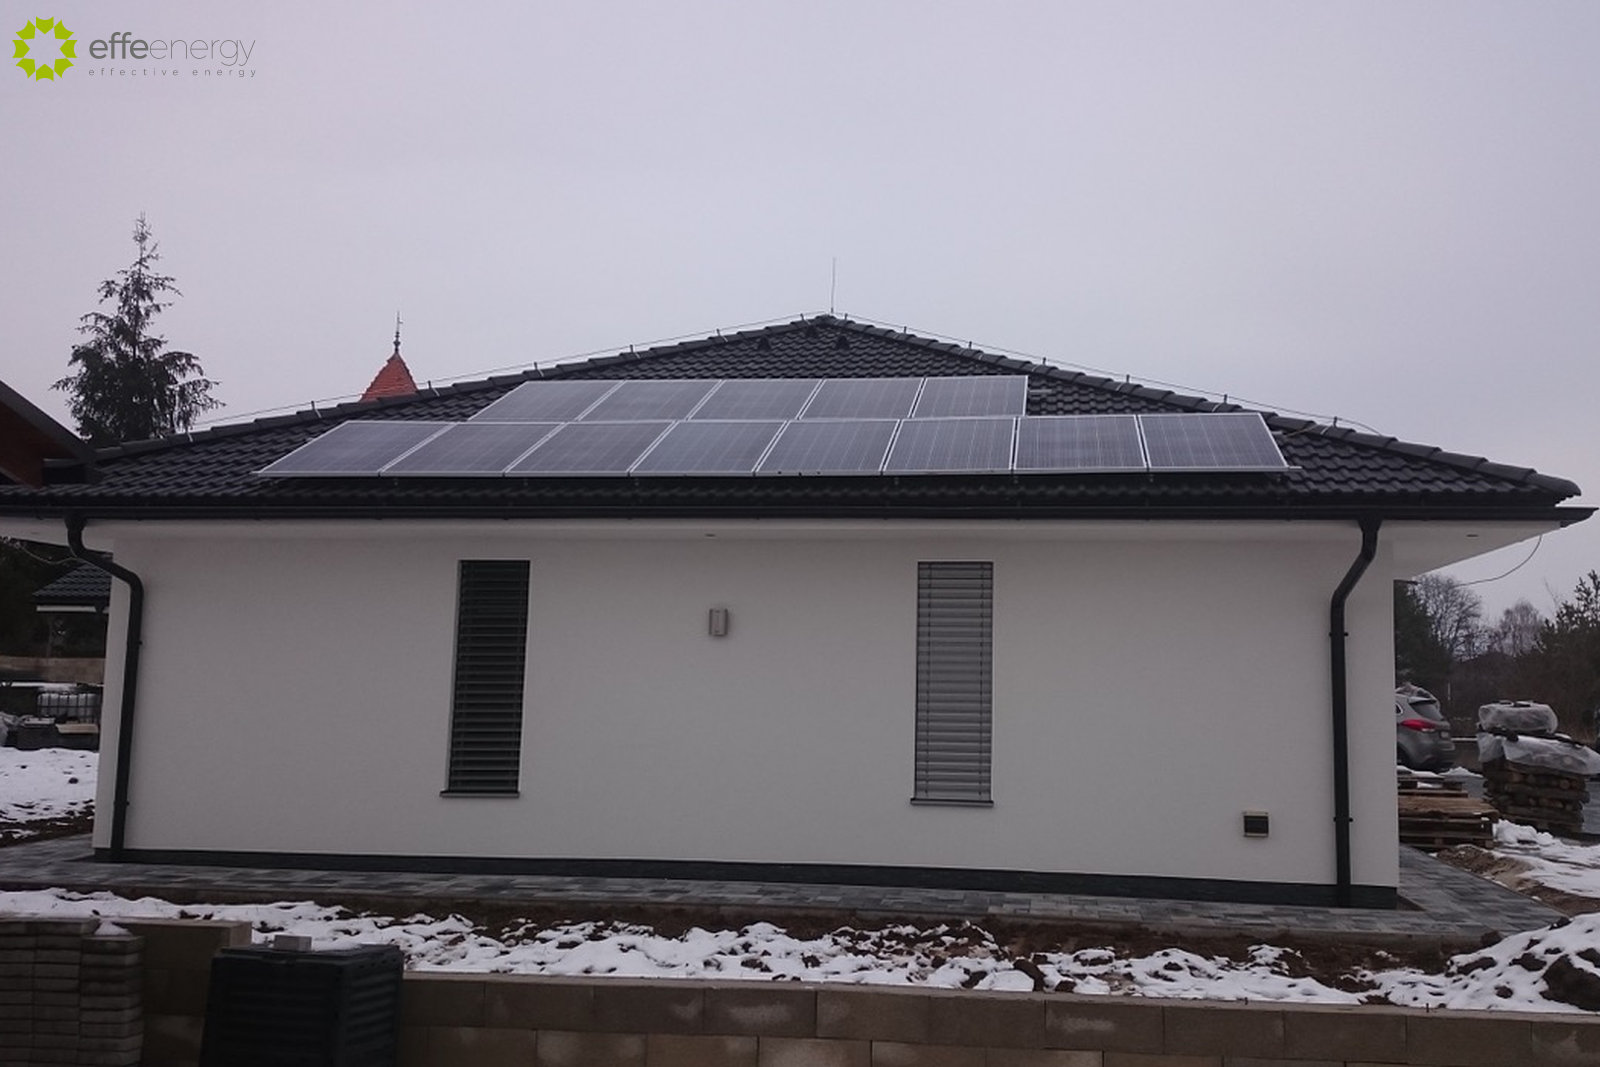 fotovoltické fotovoltaické panely elektráreň systém on grid solárna energia